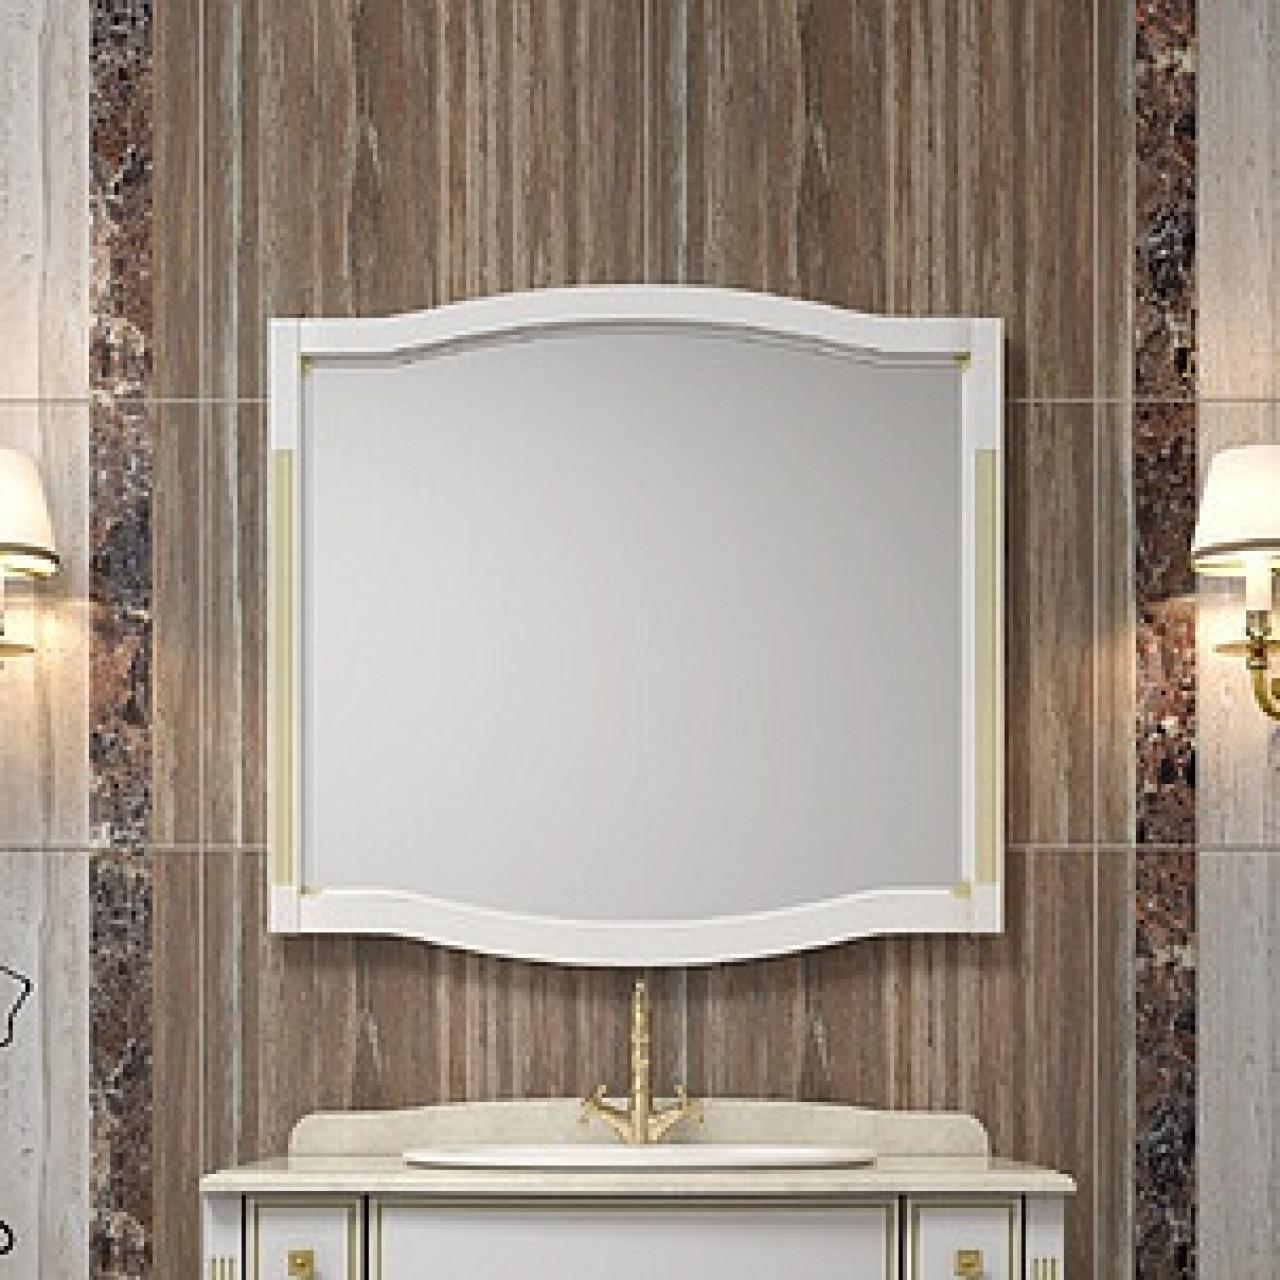 Зеркало Opadiris Лаура 100 белое с патиной купить в Москве по цене от 10500р. в интернет-магазине mebel-v-vannu.ru